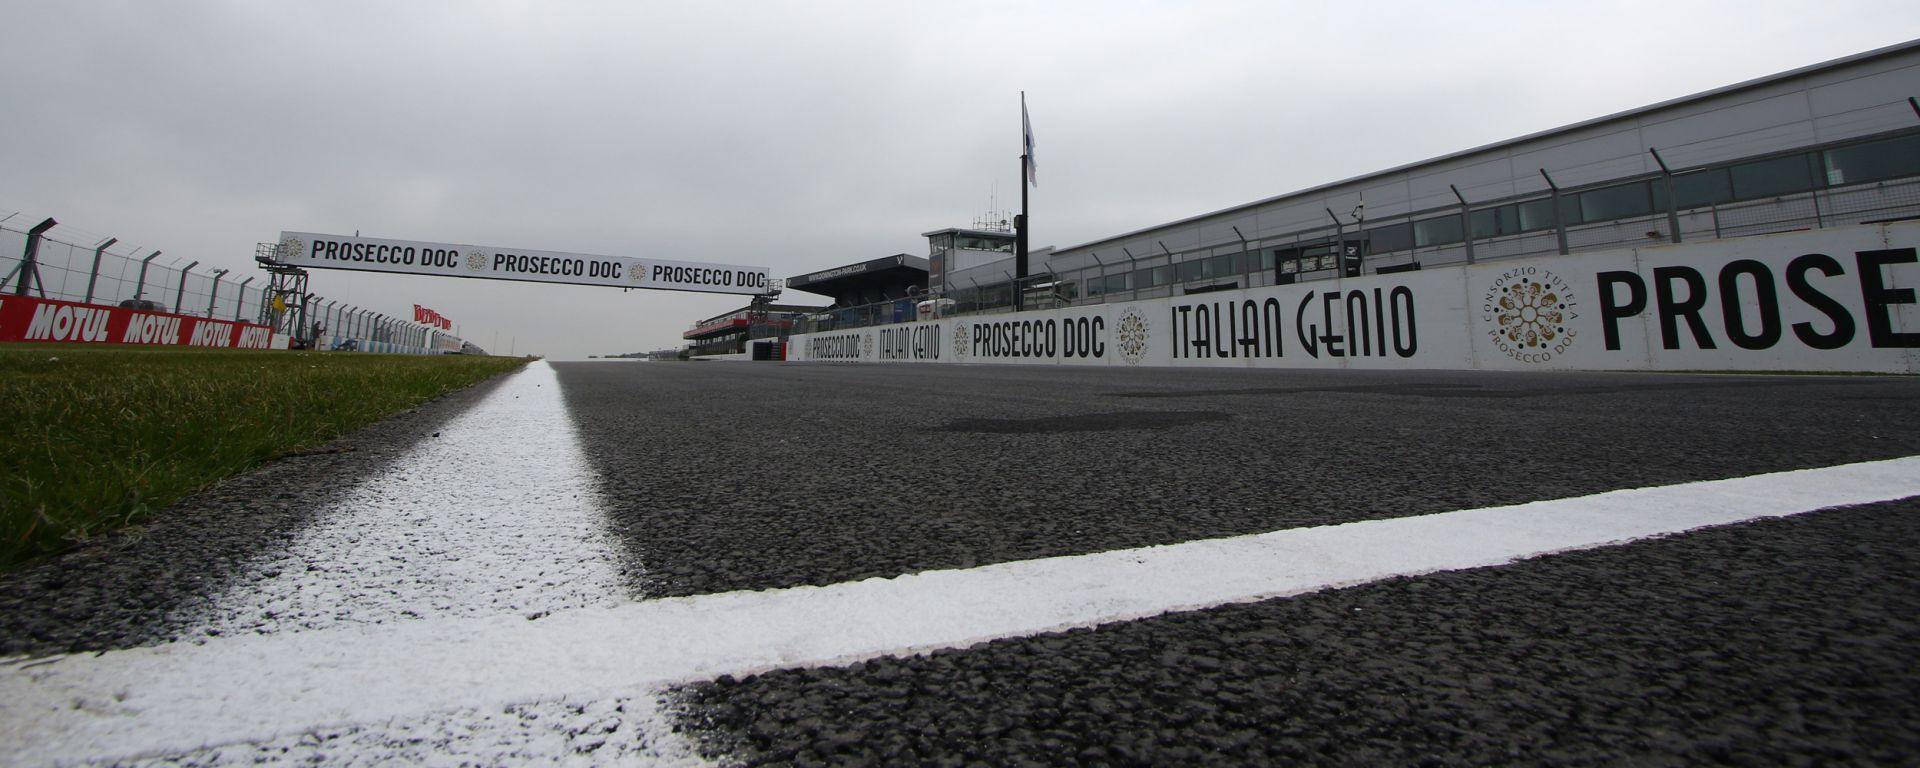 Donington Circuit